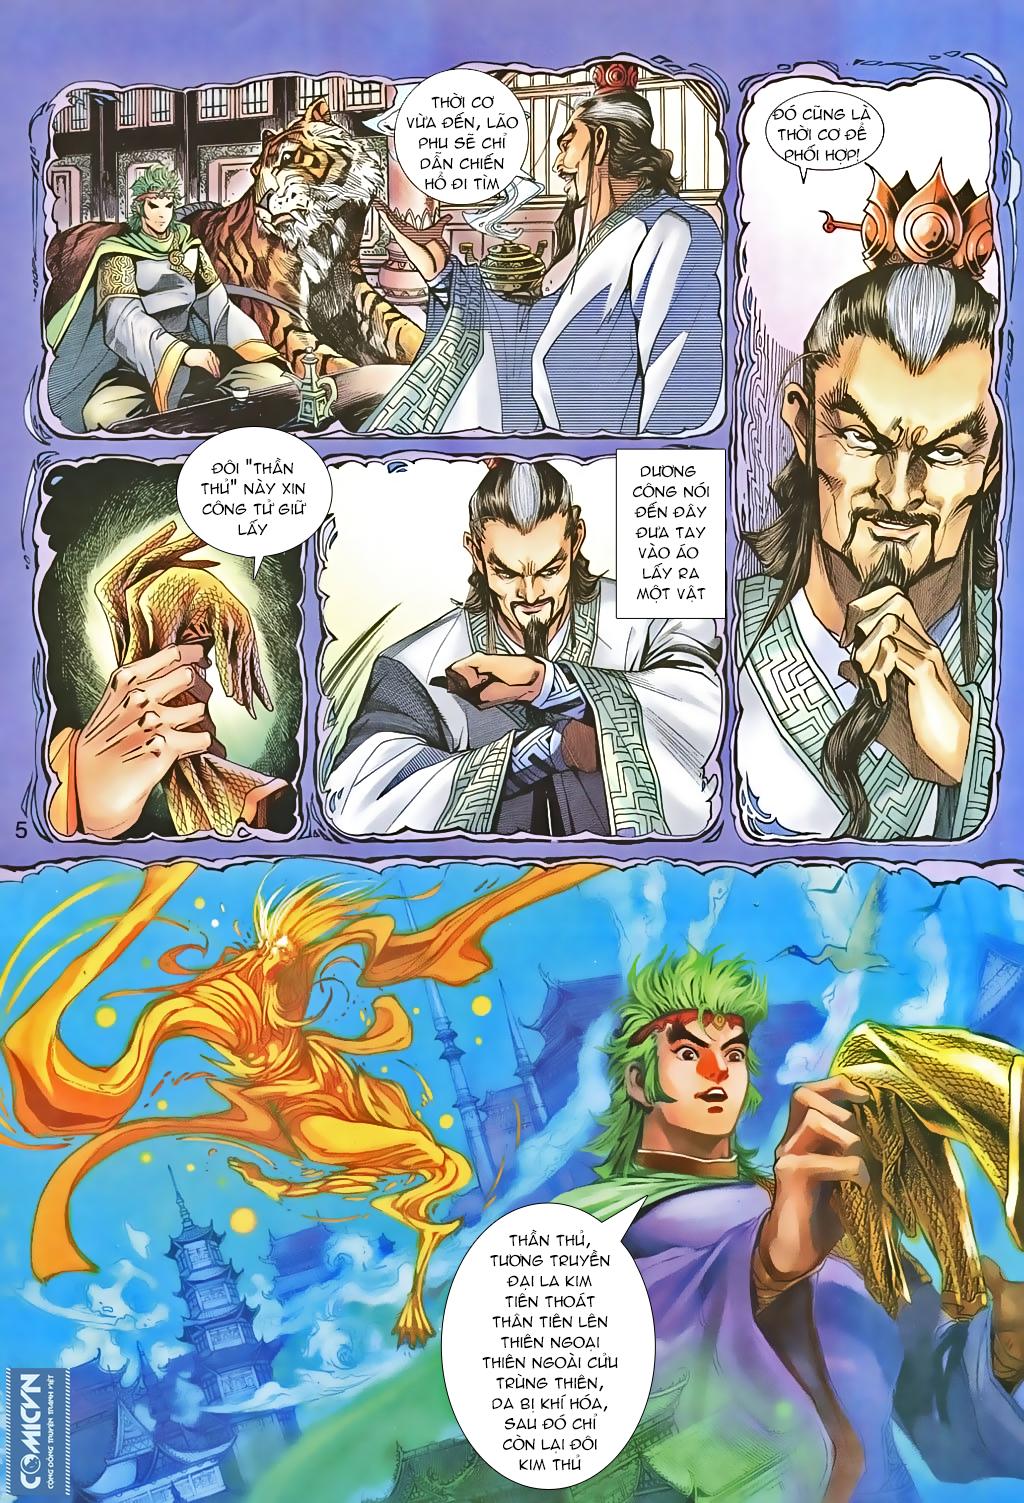 Thần binh huyền kỳ 3 - 3.5 tập 81 - 4